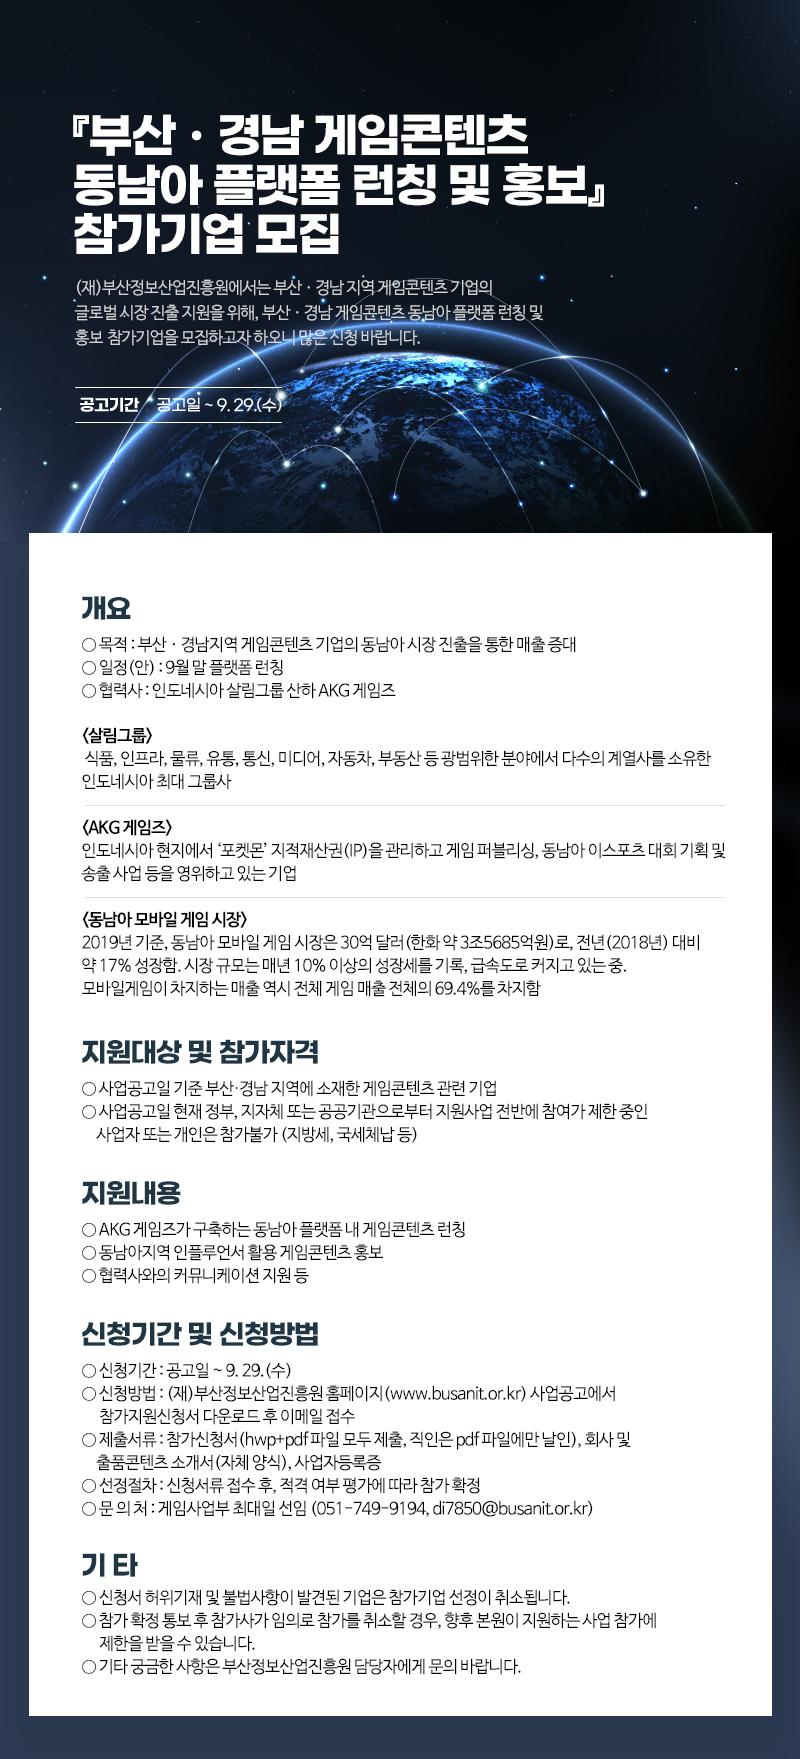 부산•경남 게임콘텐츠 동남아 플랫폼 런칭 및 홍보 참가기업 모집 재공고